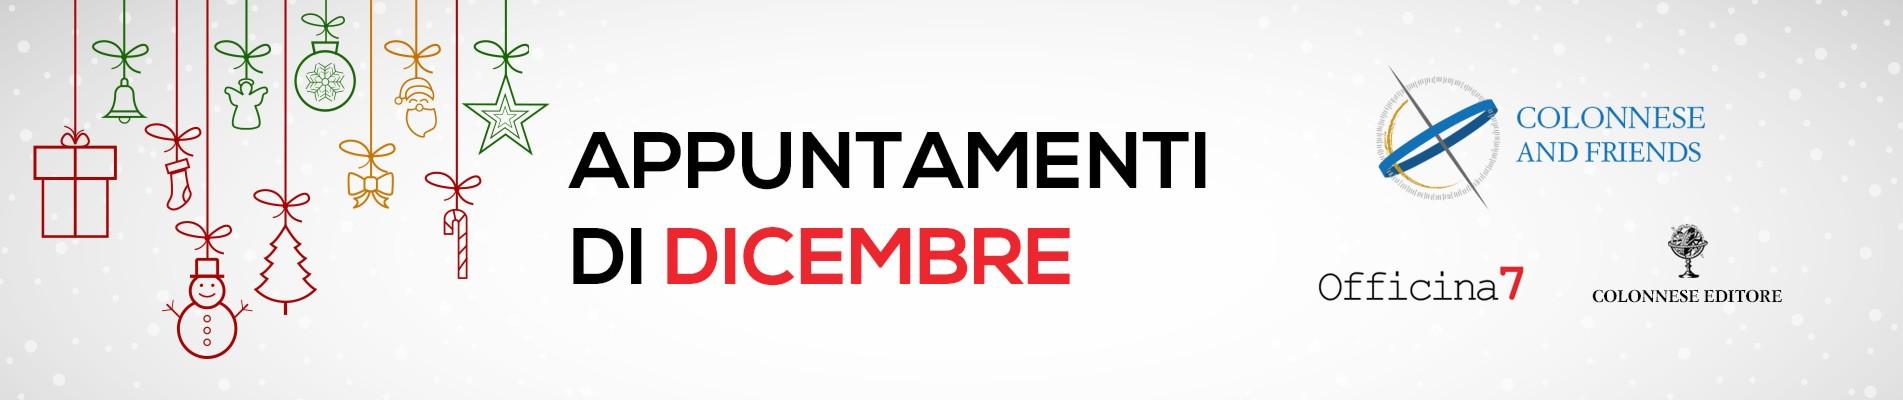 Appuntamenti di Dicembre